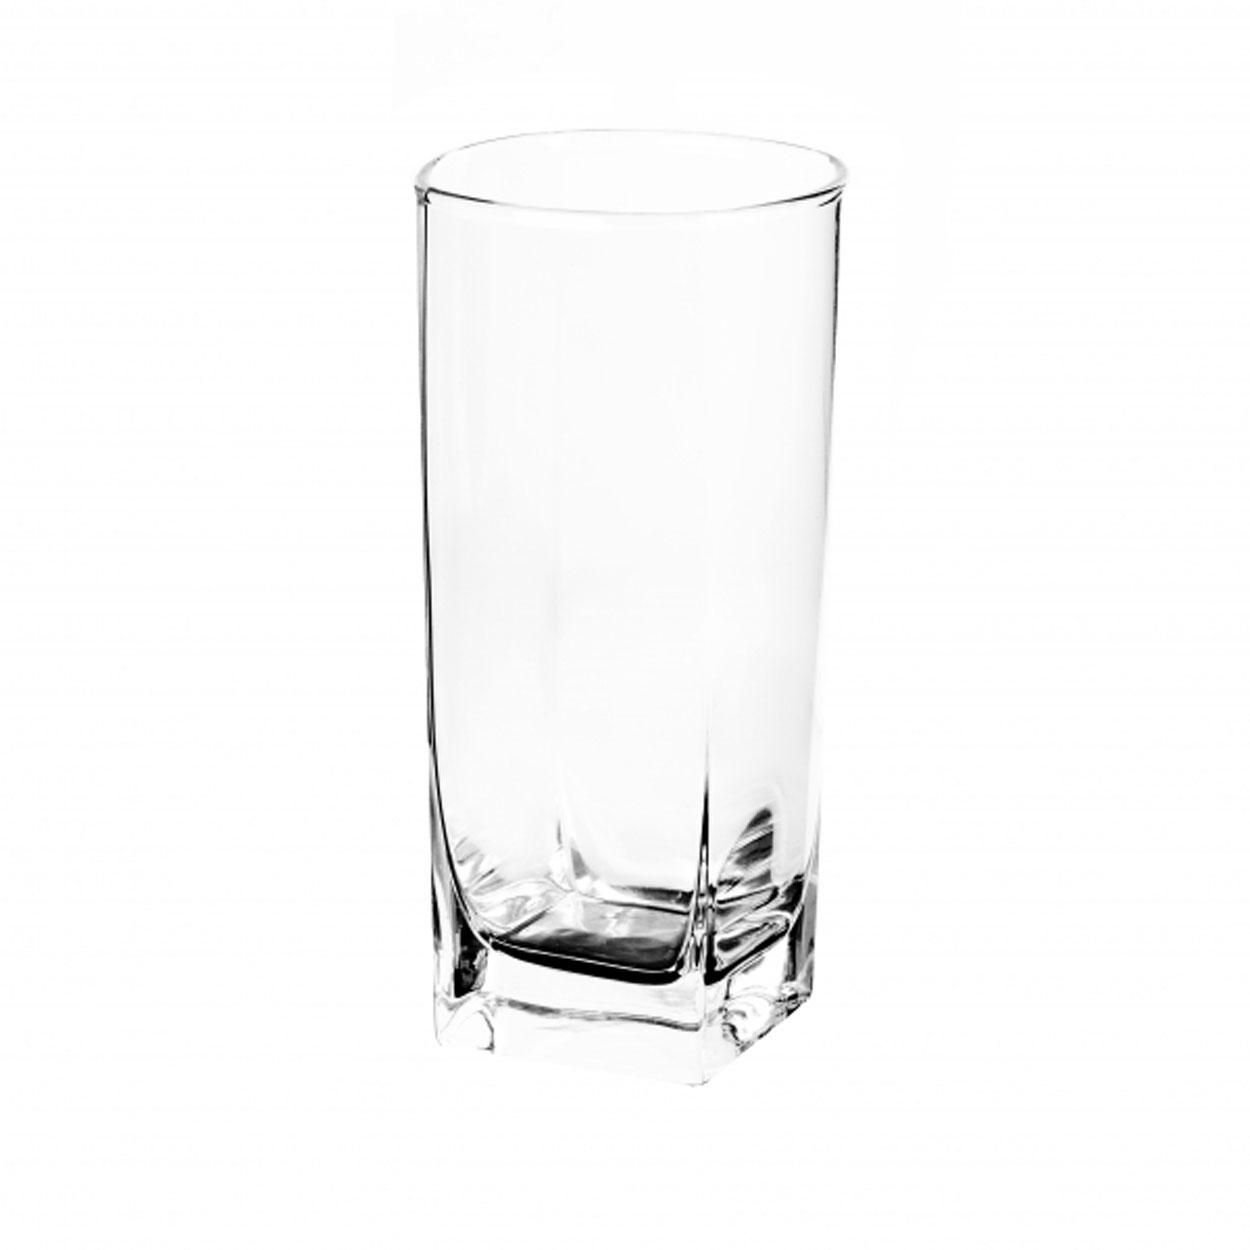 Набор стаканов Luminarc Стерлинг, 330 мл, 6 штH7666Набор стаканов Стерлинг от Luminarc оценят те, кто предпочитает стильную и надежную посуду. Стаканы изготовлены из фирменного ударопрочного стекла со специальным покрытием, которое предотвращает появление микротрещин. Высокие прозрачные стаканы с квадратным дном подойдут и для веселой вечеринки, и повседневного застолья. Набор состоит из шести стаканов, каждый объемом 330 мл. Стаканы можно мыть в посудомоечной машине.